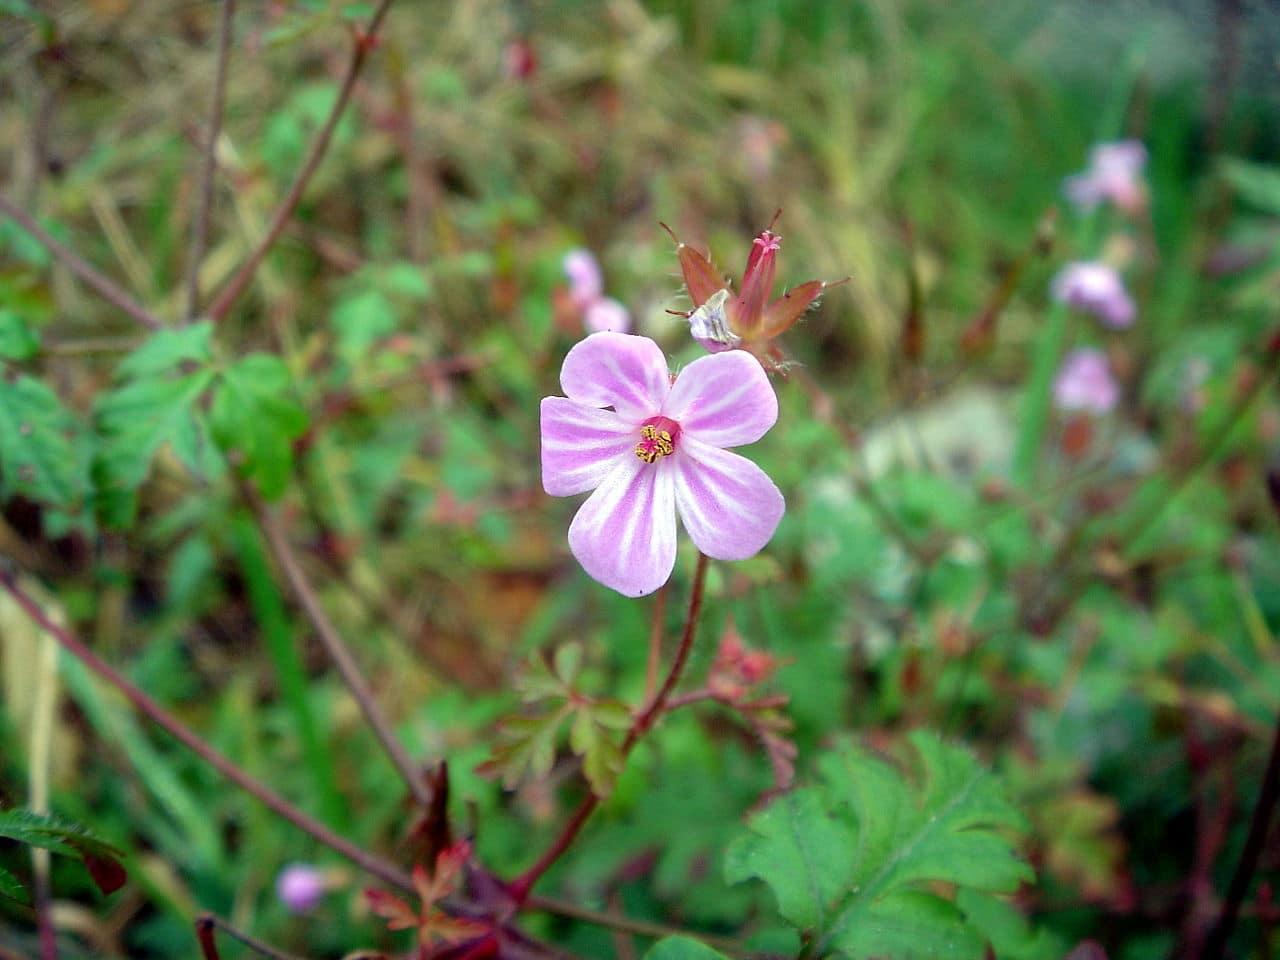 El Geranium purpureum es un tipo de geranio herbáceo